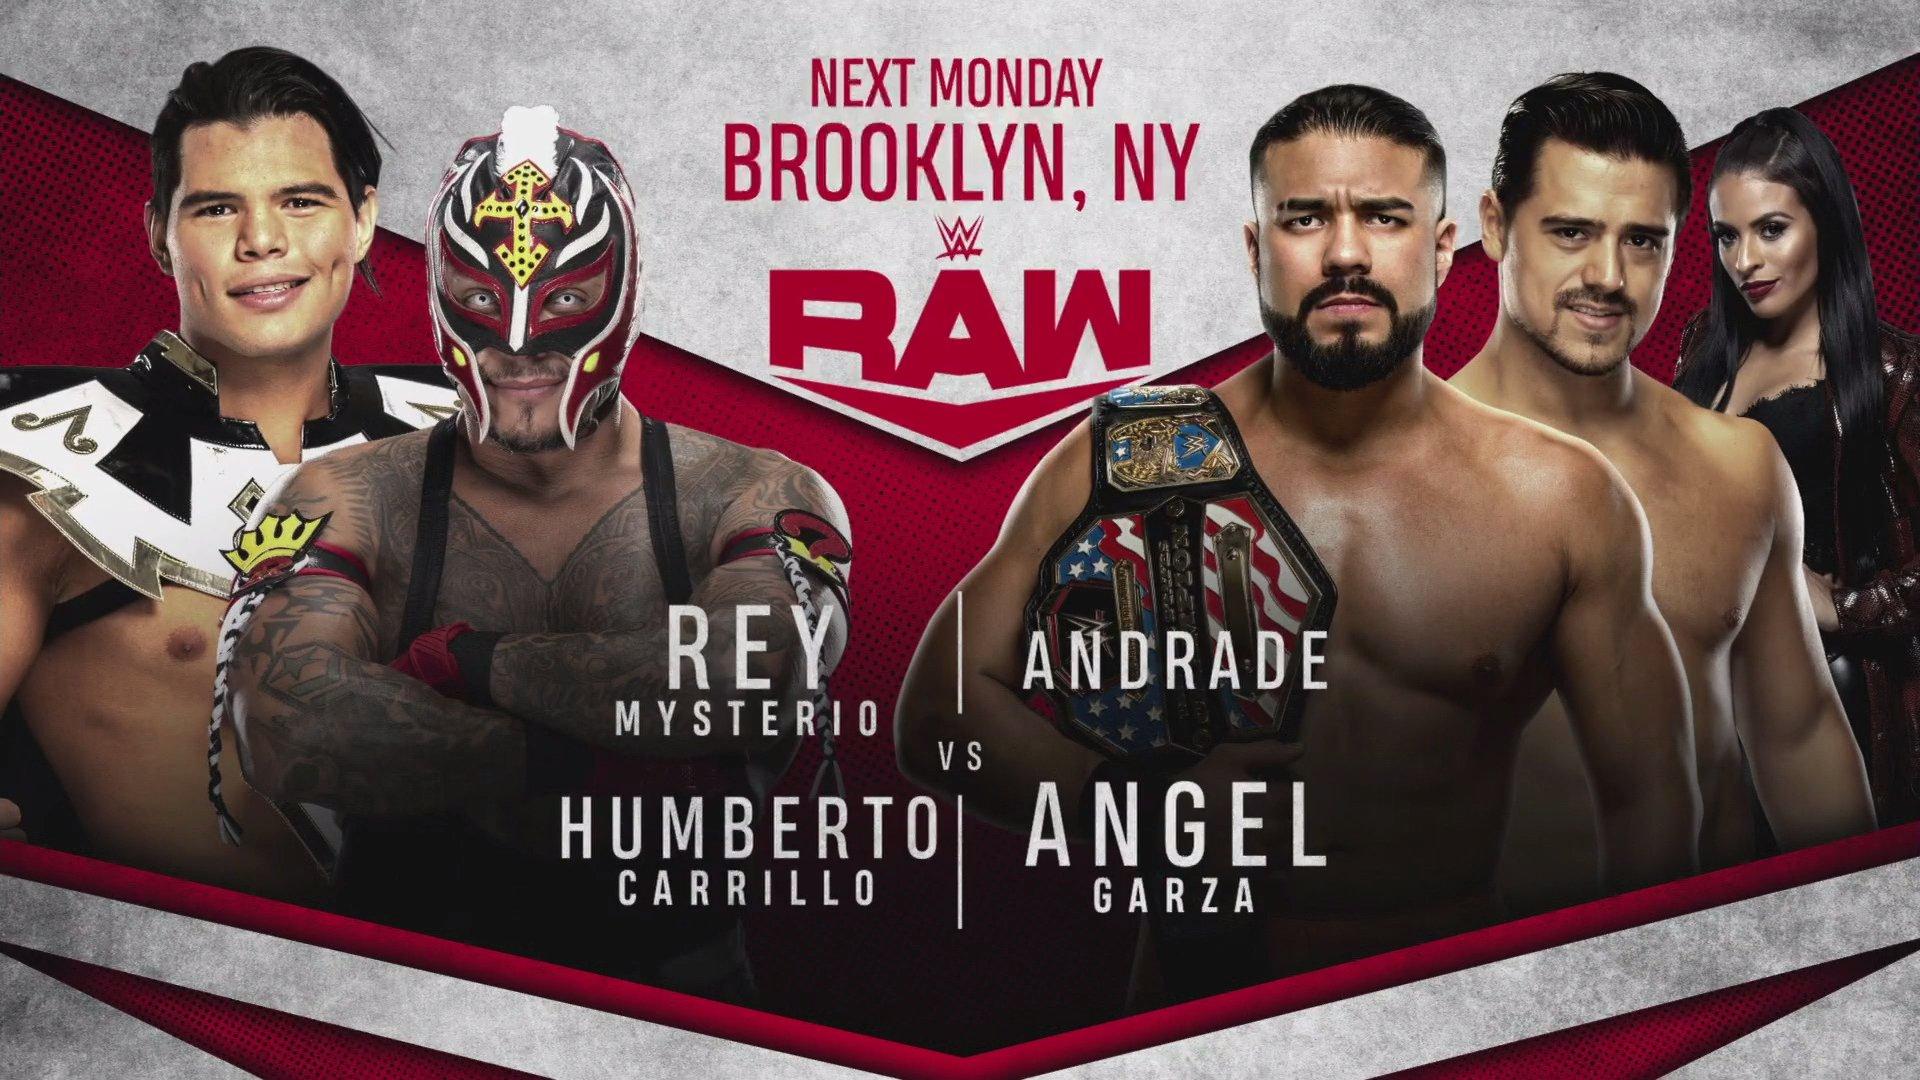 Rey Mysterio y Humberto Carrillo vs. Andrade y Ángel Garza